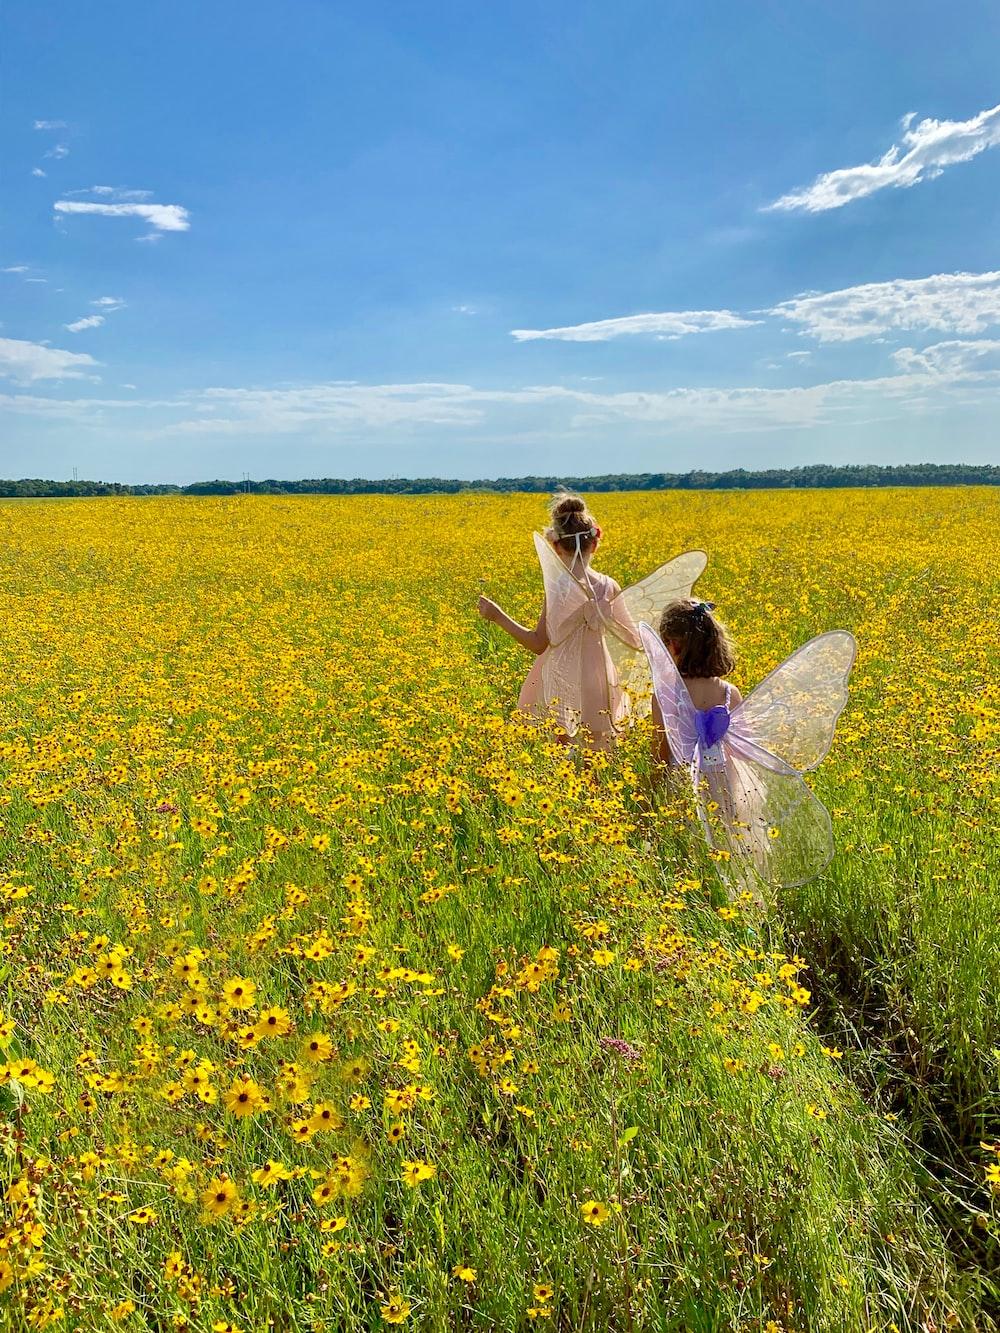 two girl's wearing fairy dresses walking in yellow flower fields